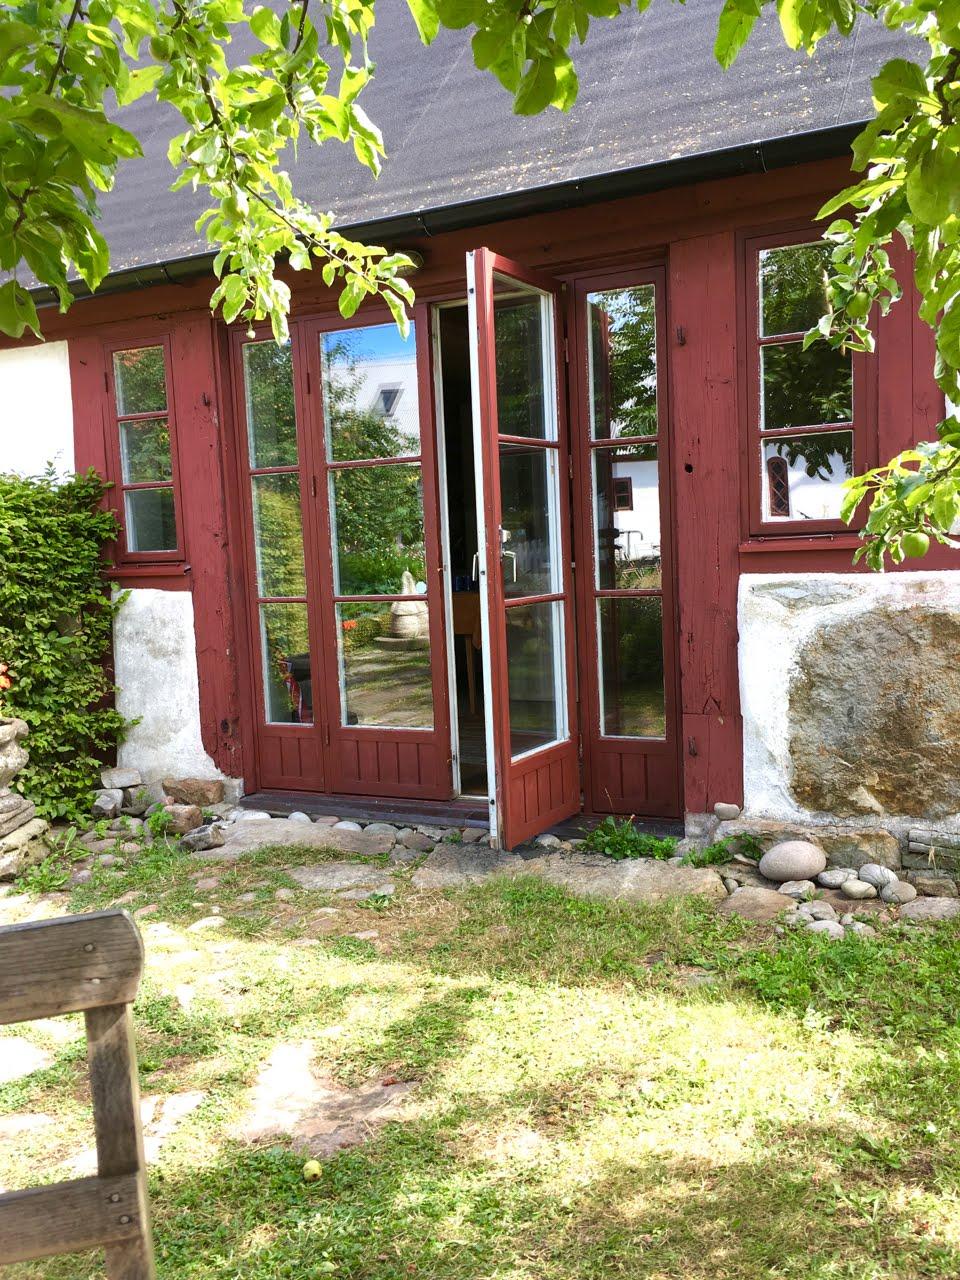 Branteviks Vandrarhem – En pärla för trädgårdsälskare